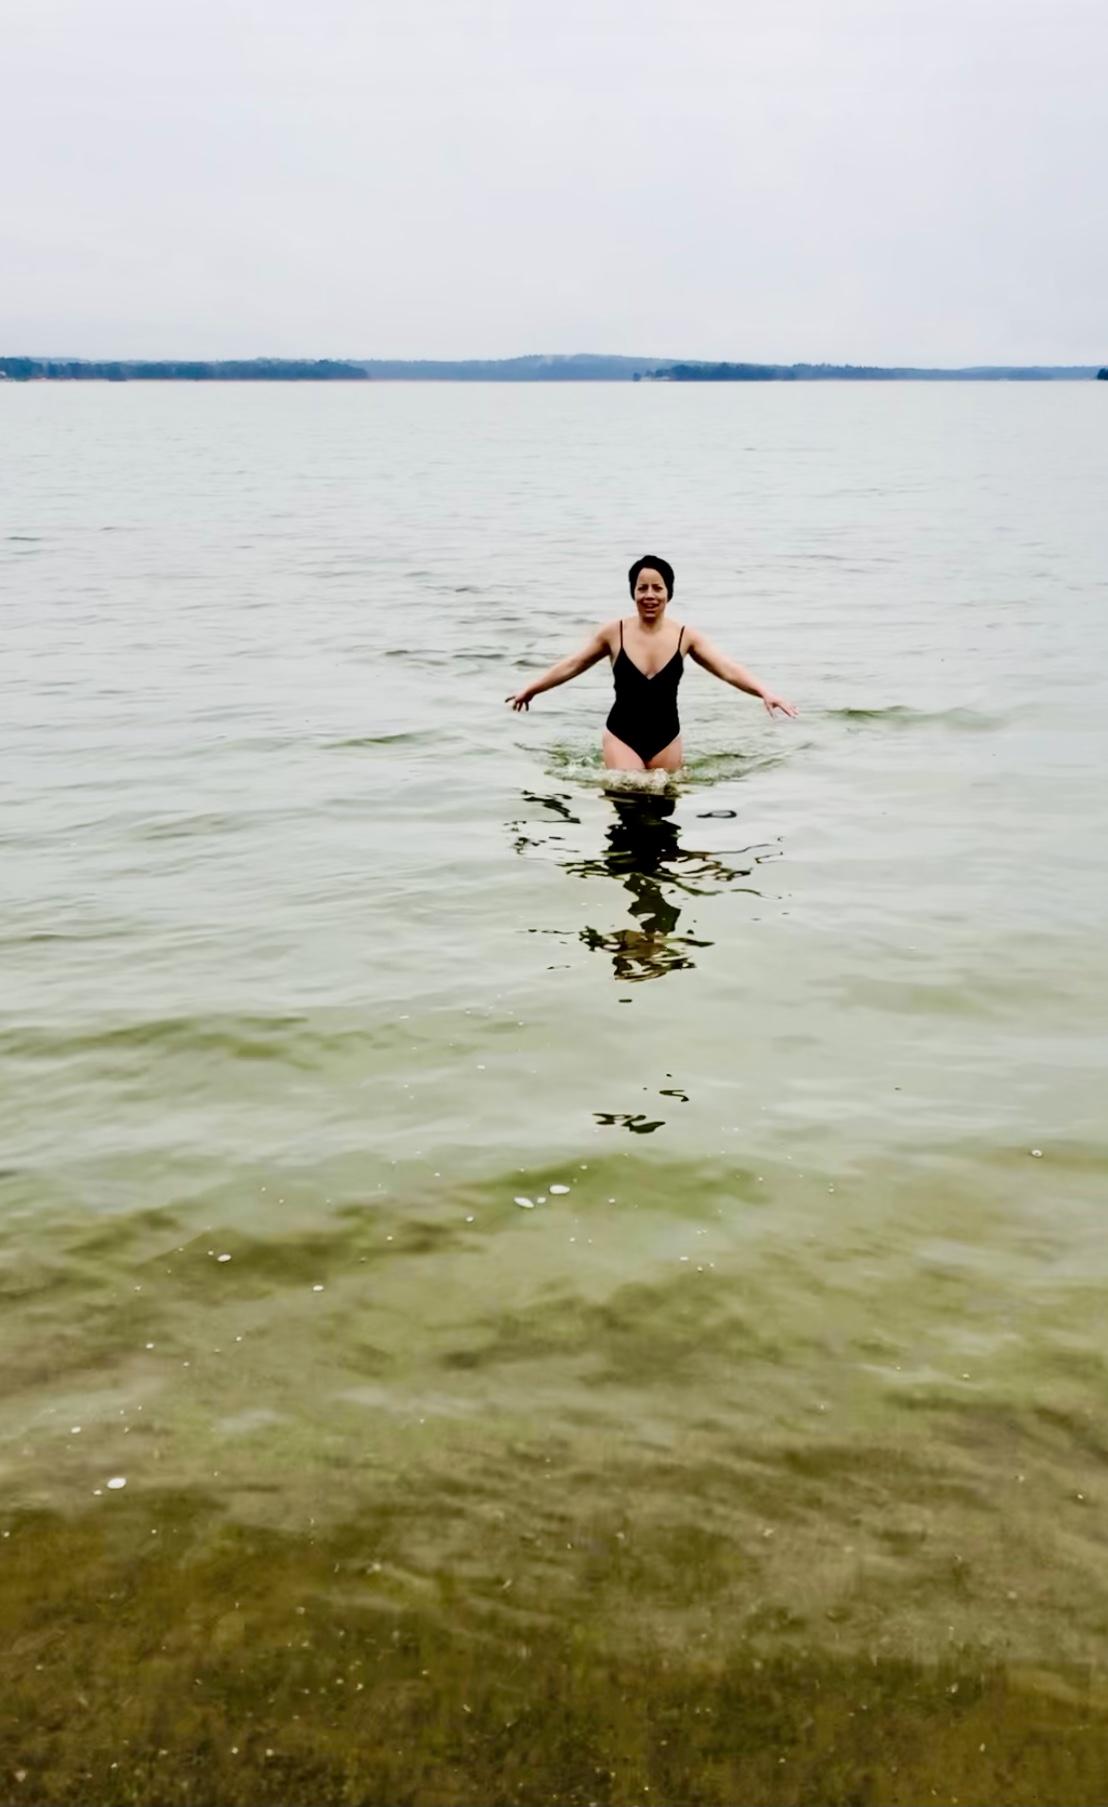 Kallbad januari - årets första kallbad